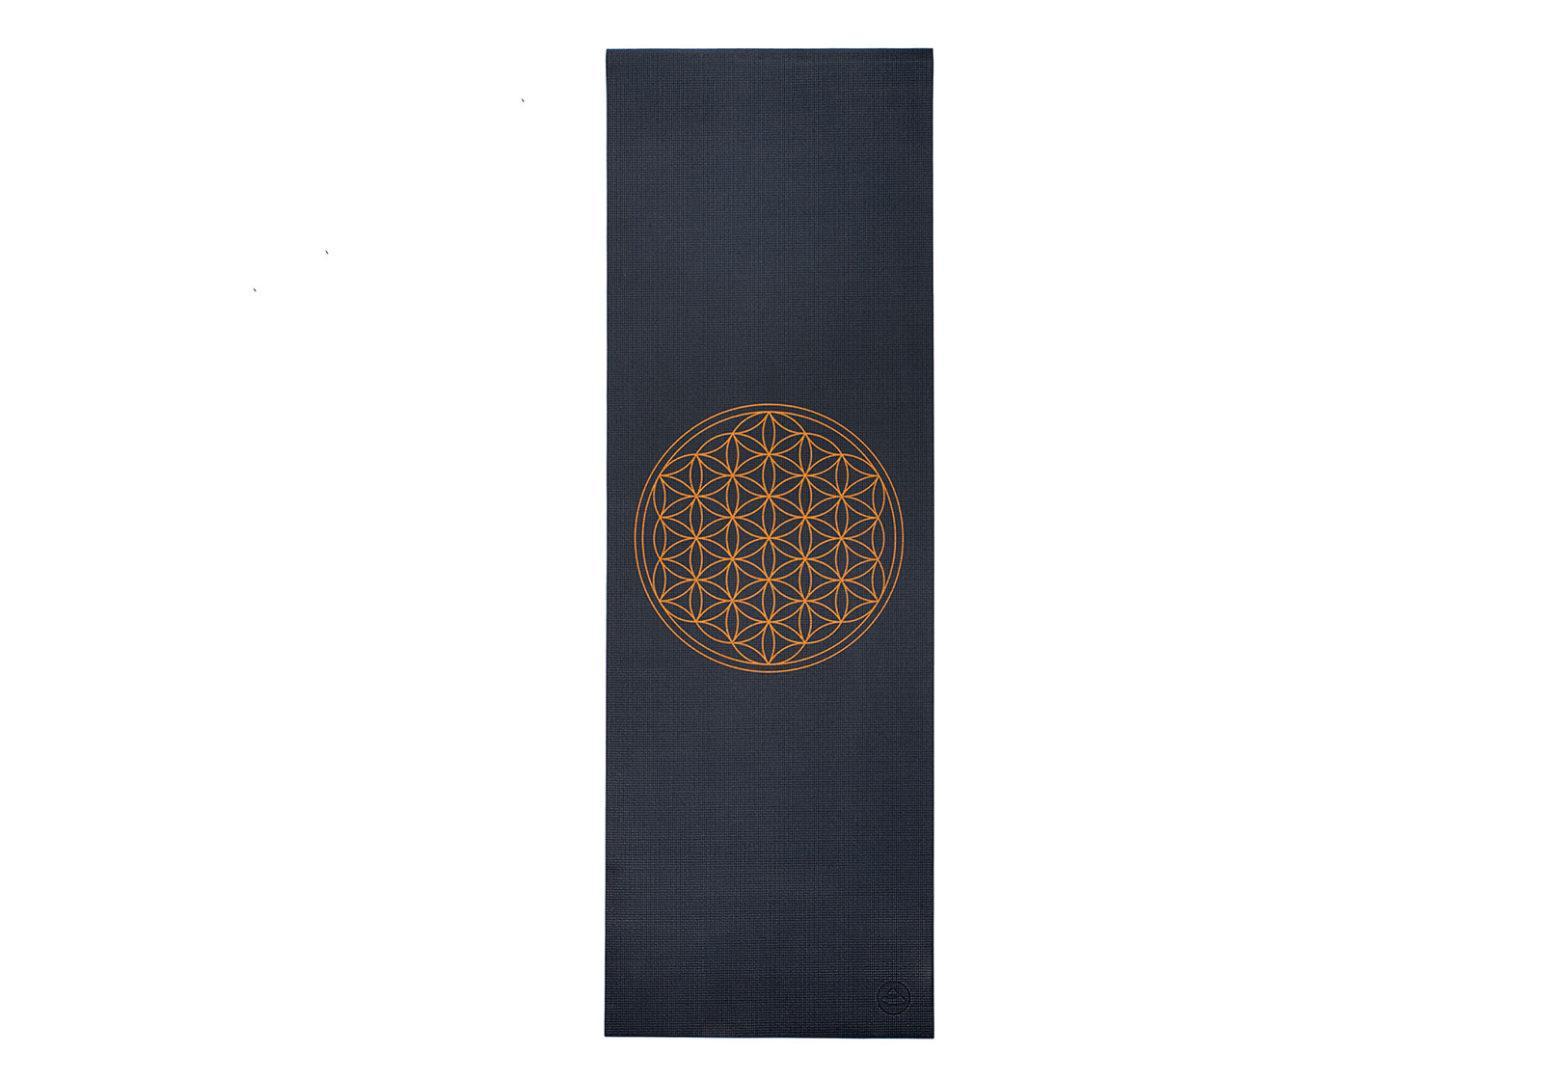 yoga-mat-leela-flower-of-life-black-3.jpg